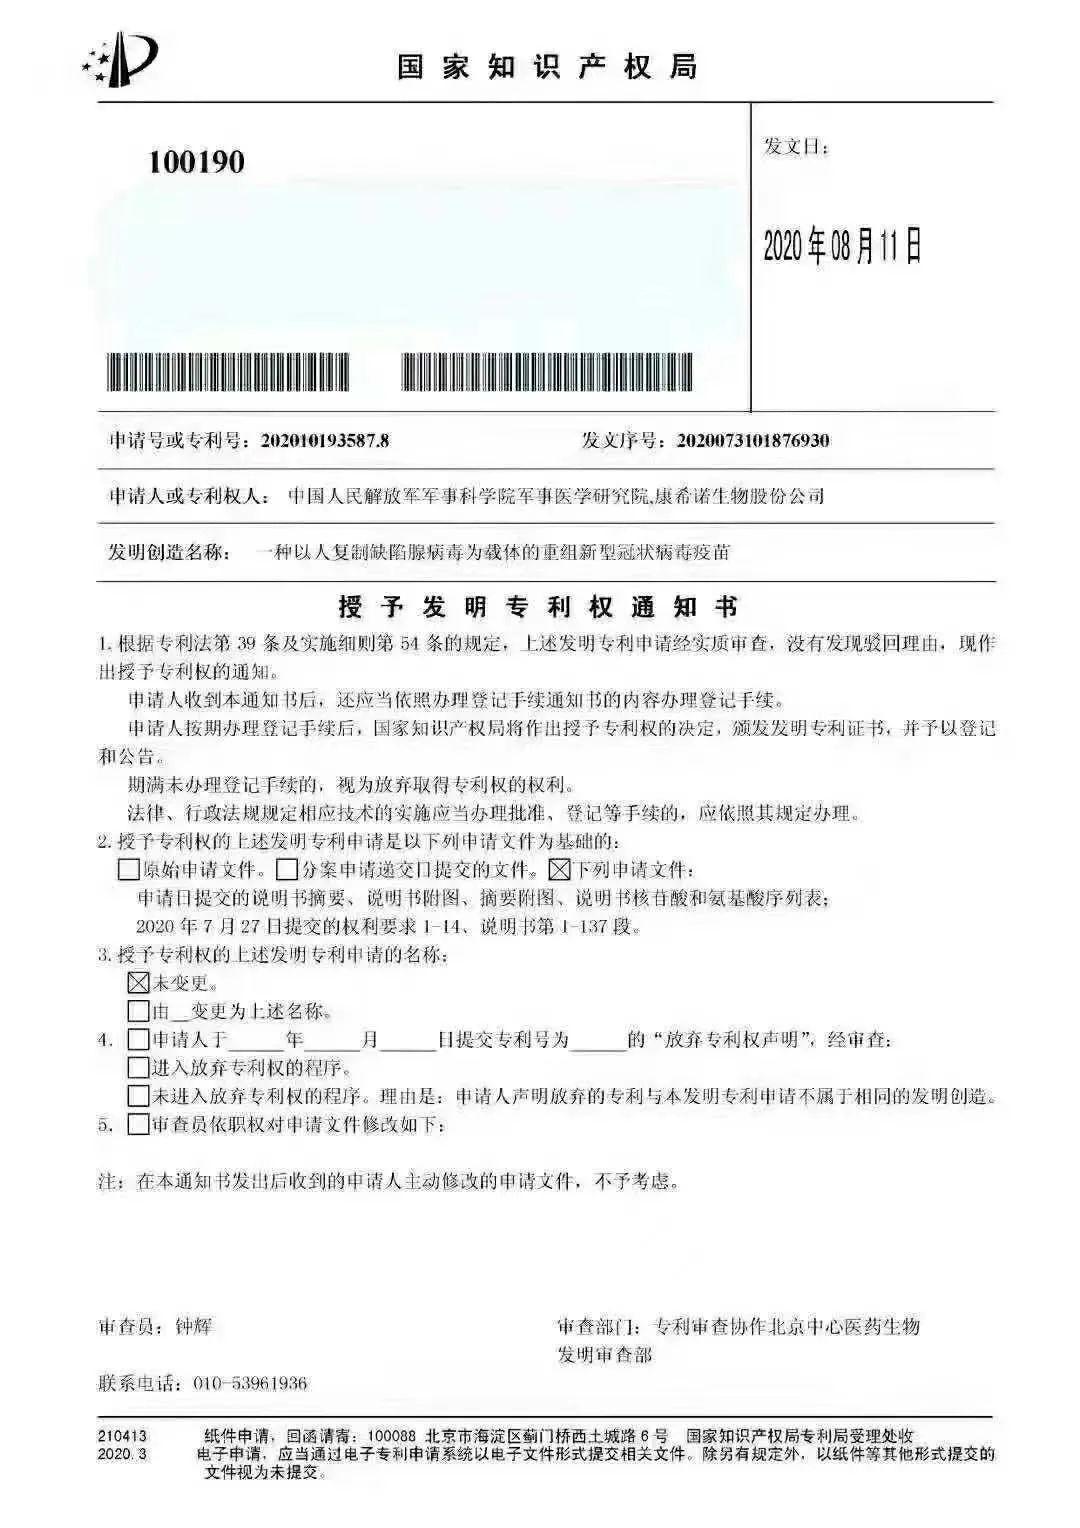 【重大喜讯】陈薇院士团队新冠疫苗获得国内首个专利